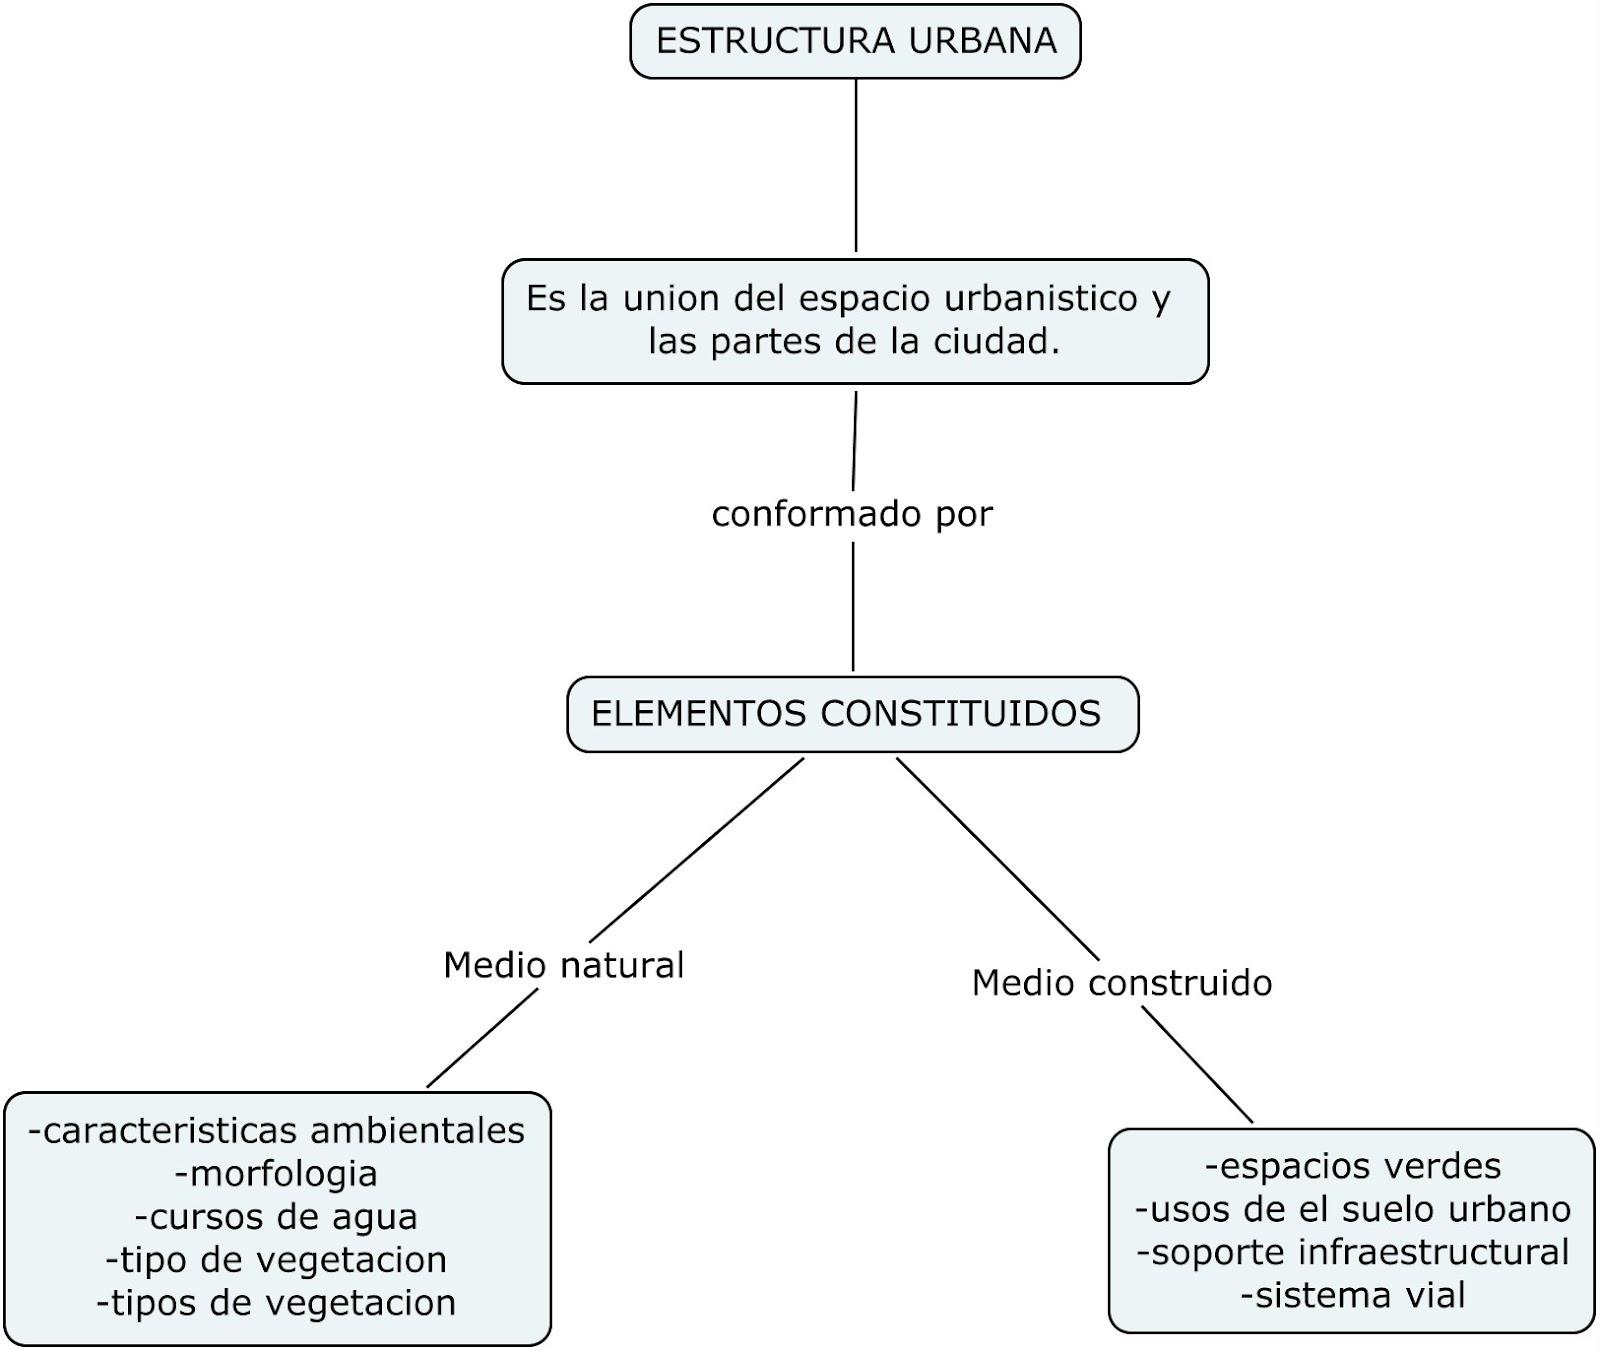 Urbanismo I Paula Alejandra Patiño Jaramillo 6120141093